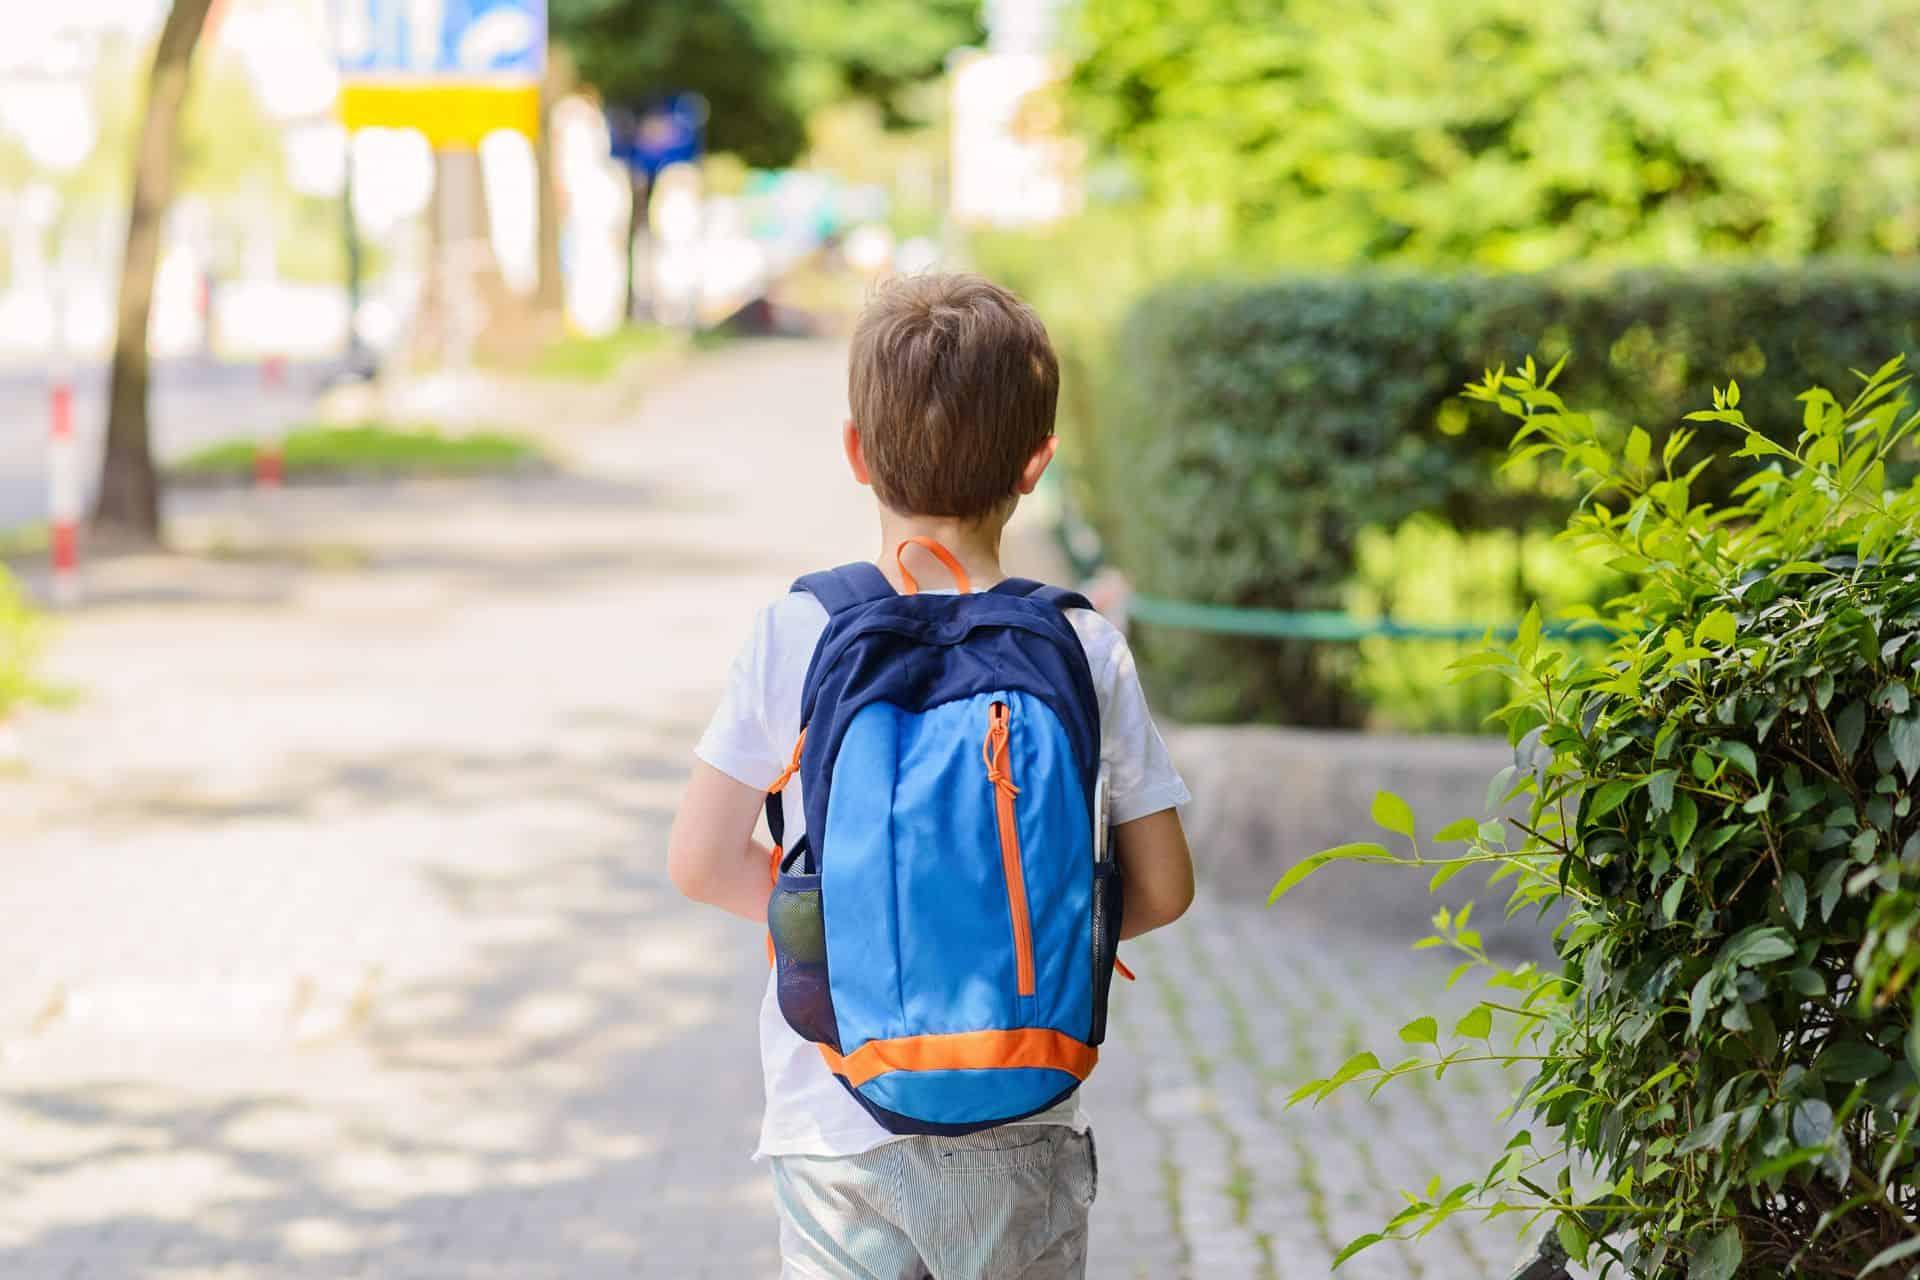 Kan mijn kind van zes alleen naar de bakker?